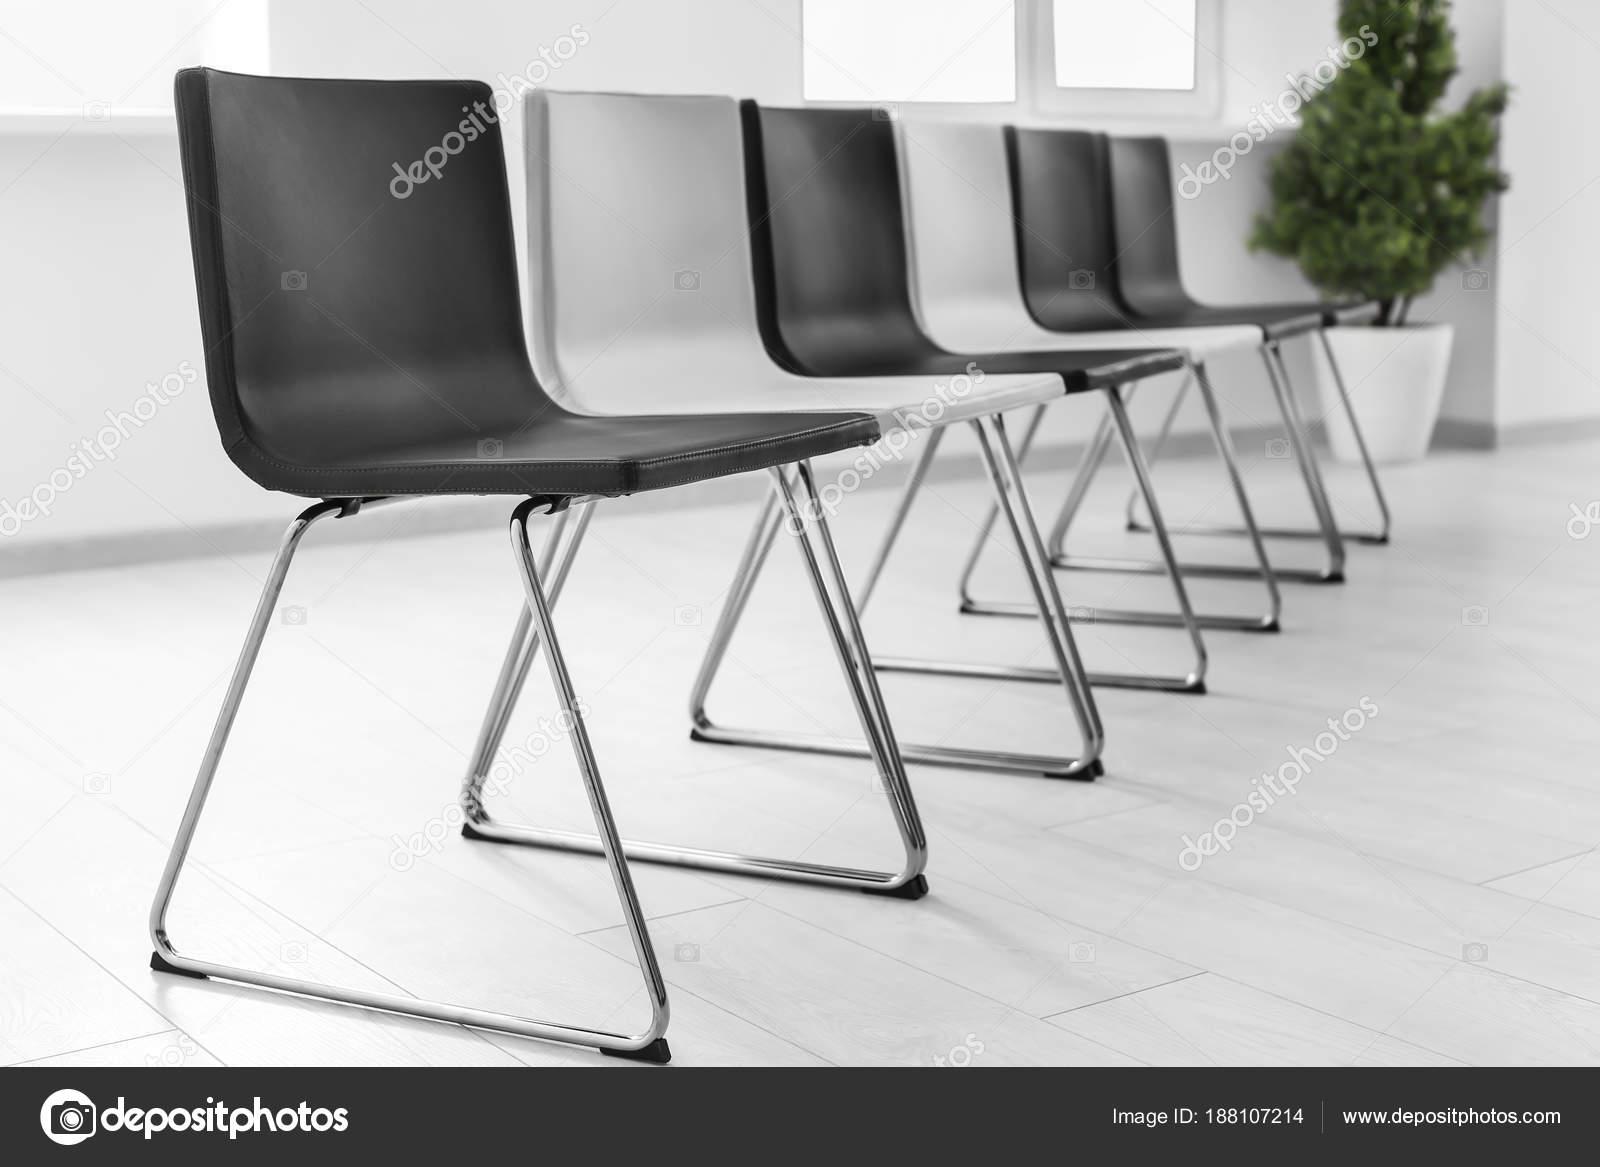 Für Weiß Schwarz Stühle Leeren Gruppentherapie Raum 6gvYb7yIf